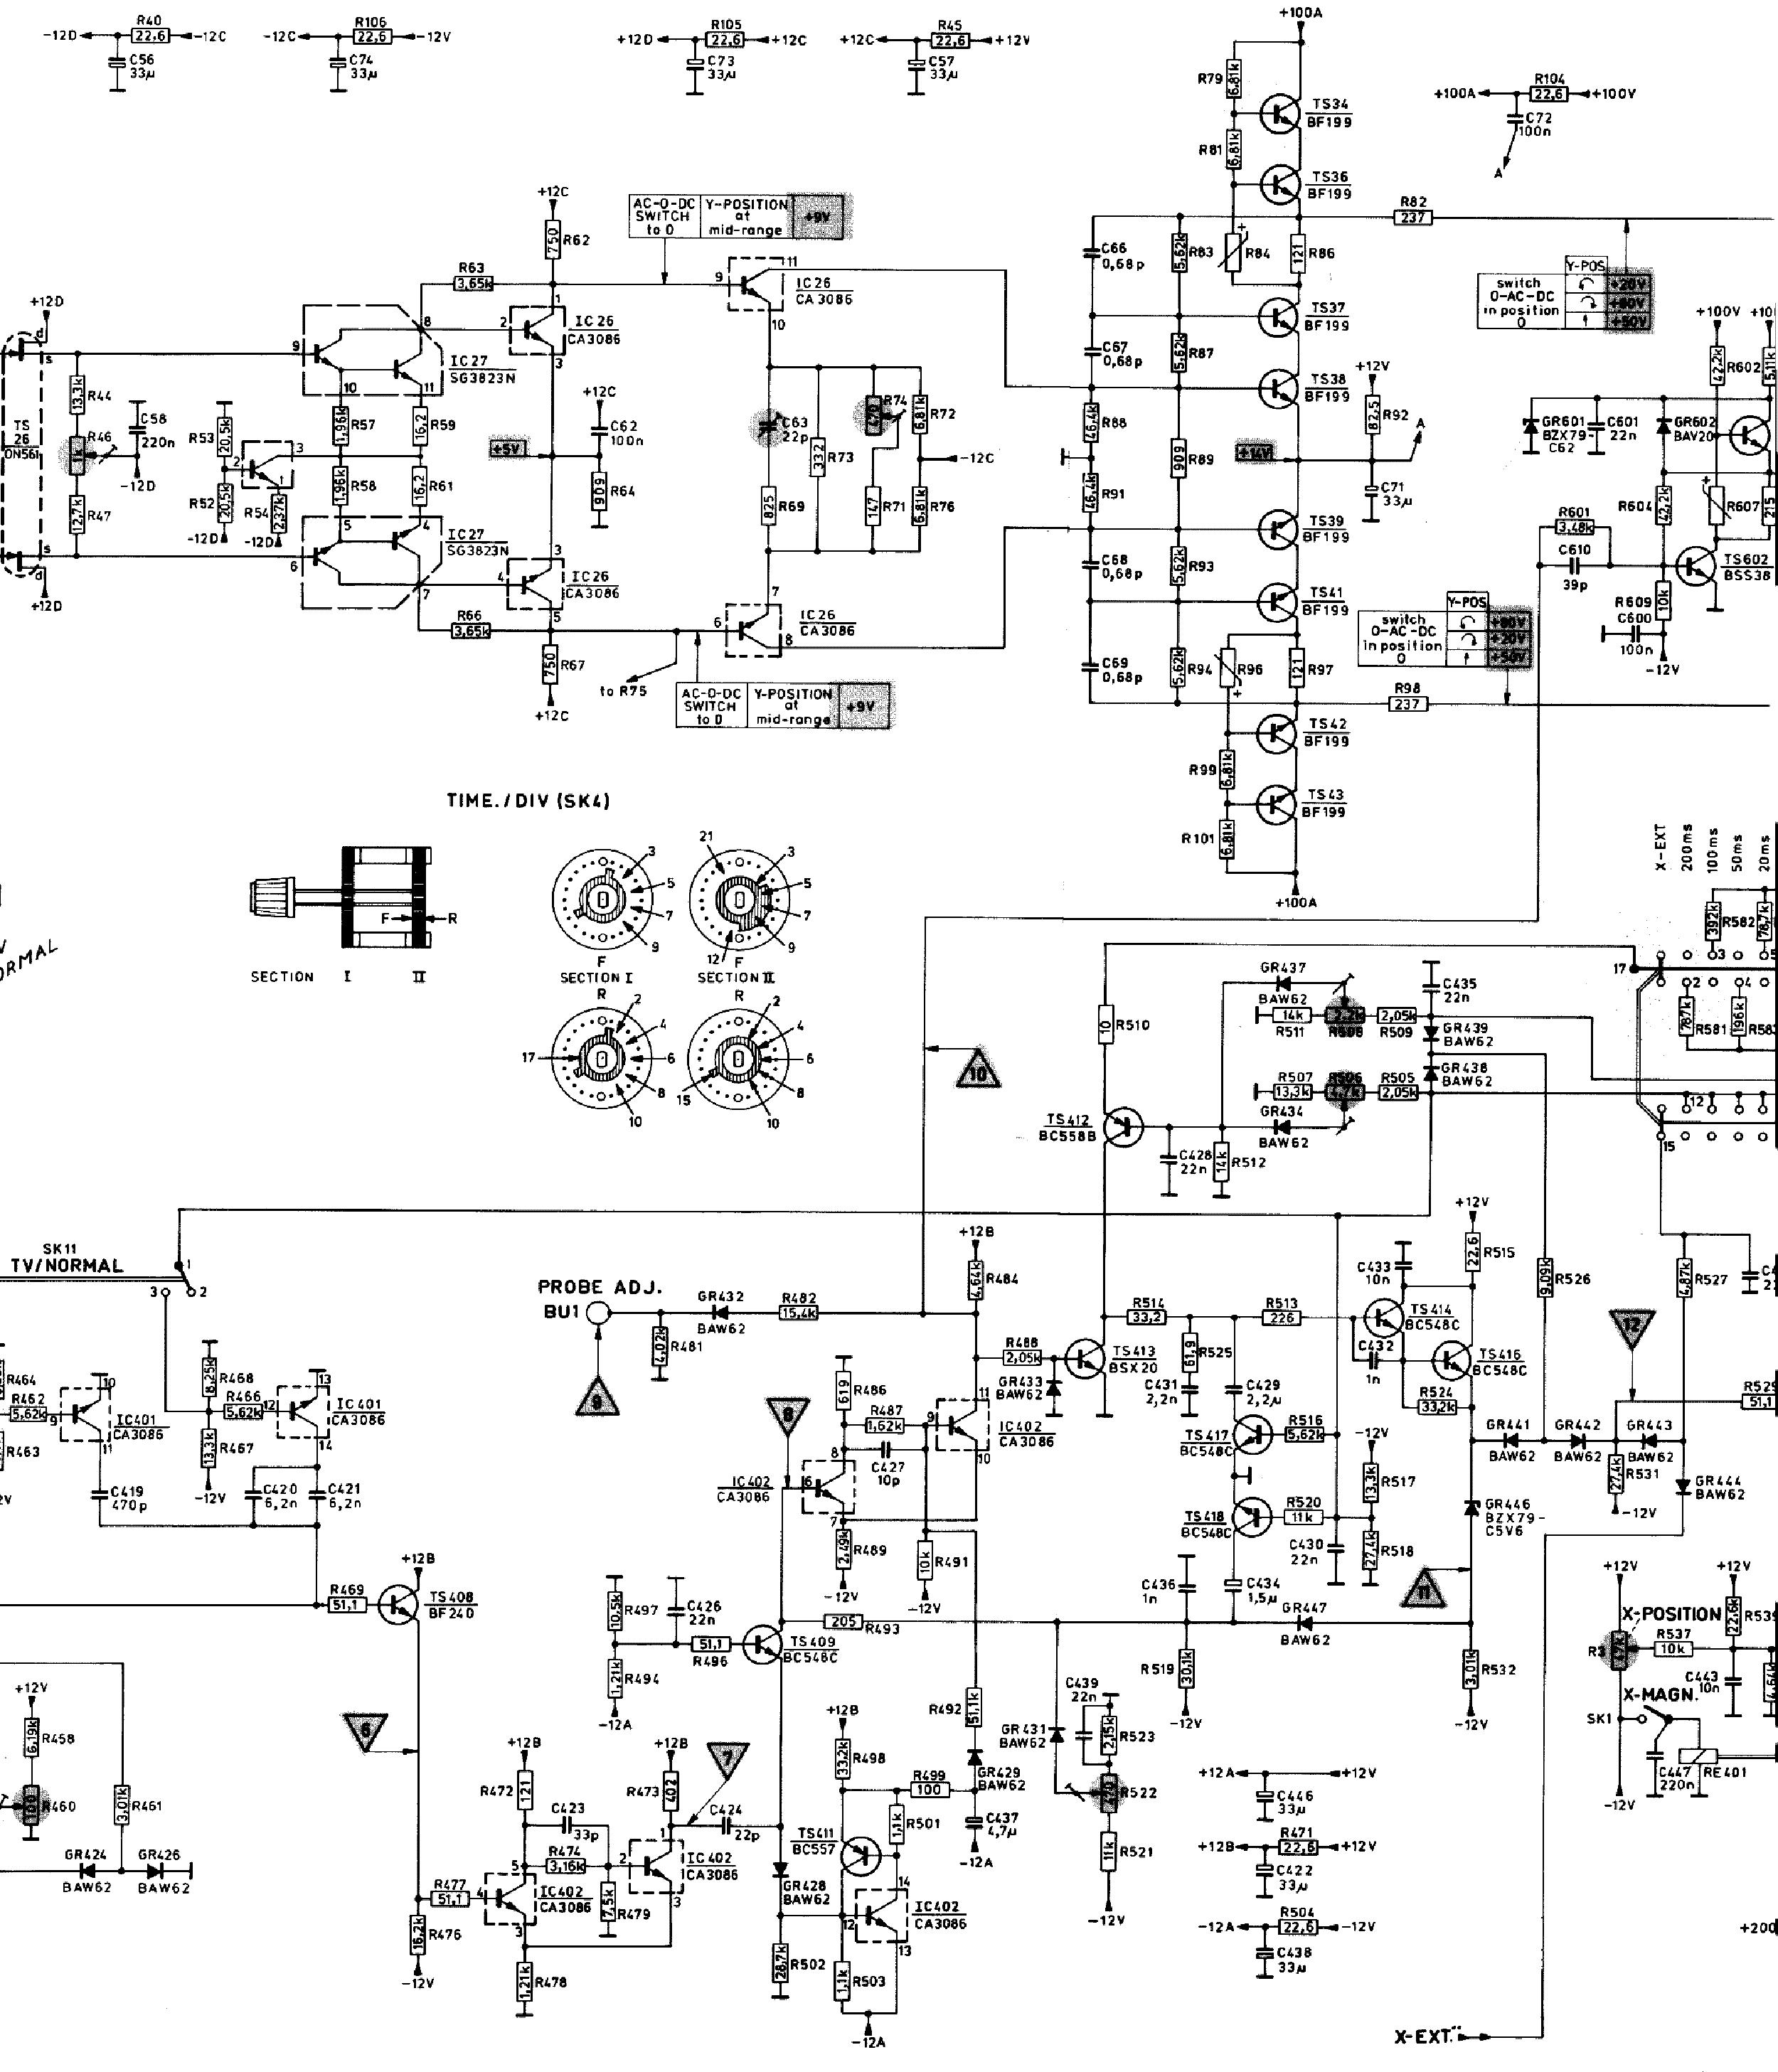 PHILIPS PM-3225 2MV 15MHZ OSCILLOSCOPE 1977 SCH Service